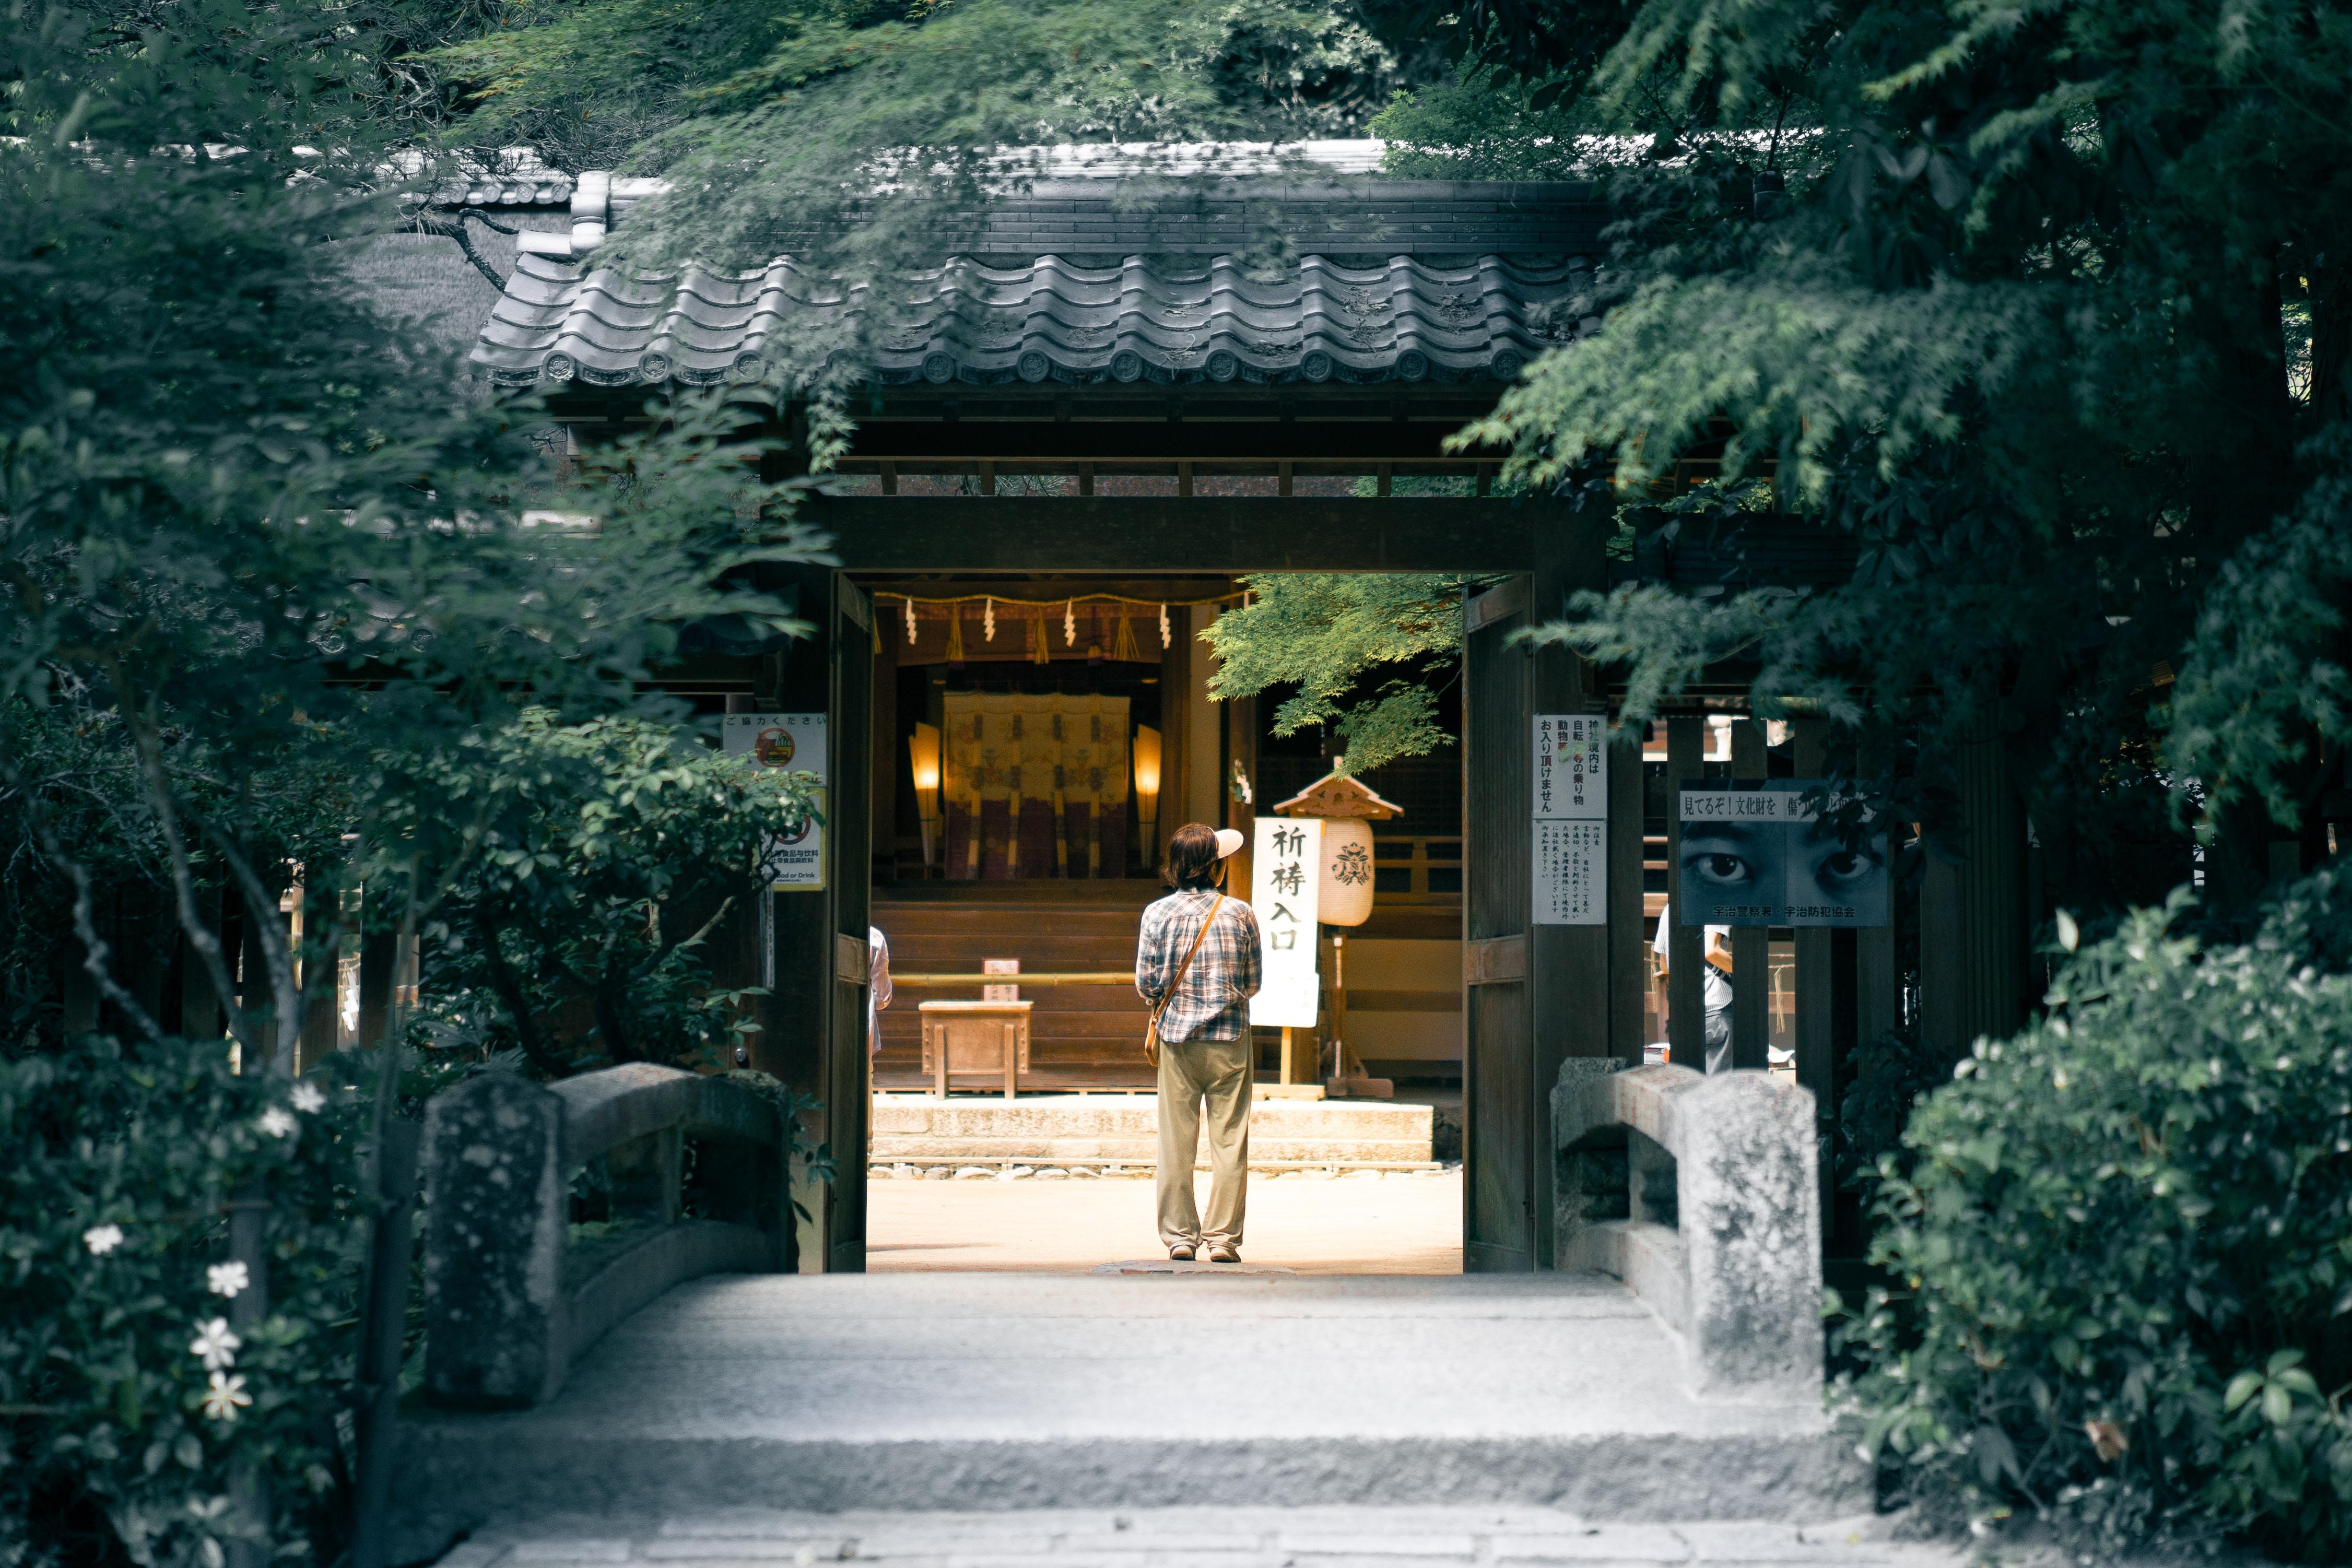 大杉神社(あんばさま)は日本唯一の夢むすび神社!茨城のパワースポットをご紹介